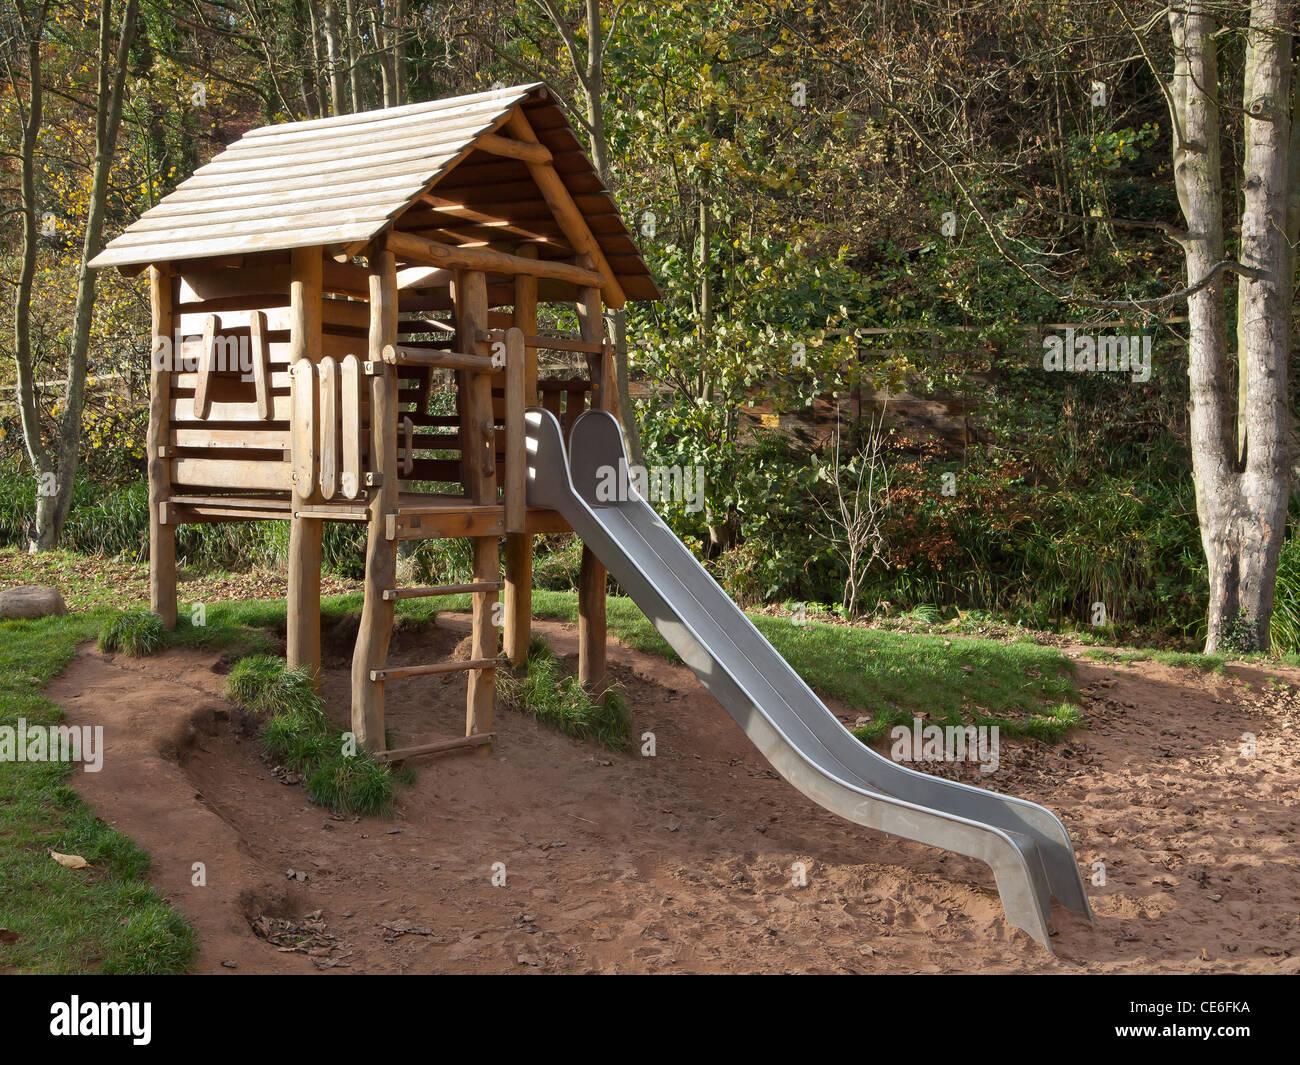 Klettergerüst Englisch : Gut spielen umwelt kinderspielplatz mit einer rutsche klettergerüst